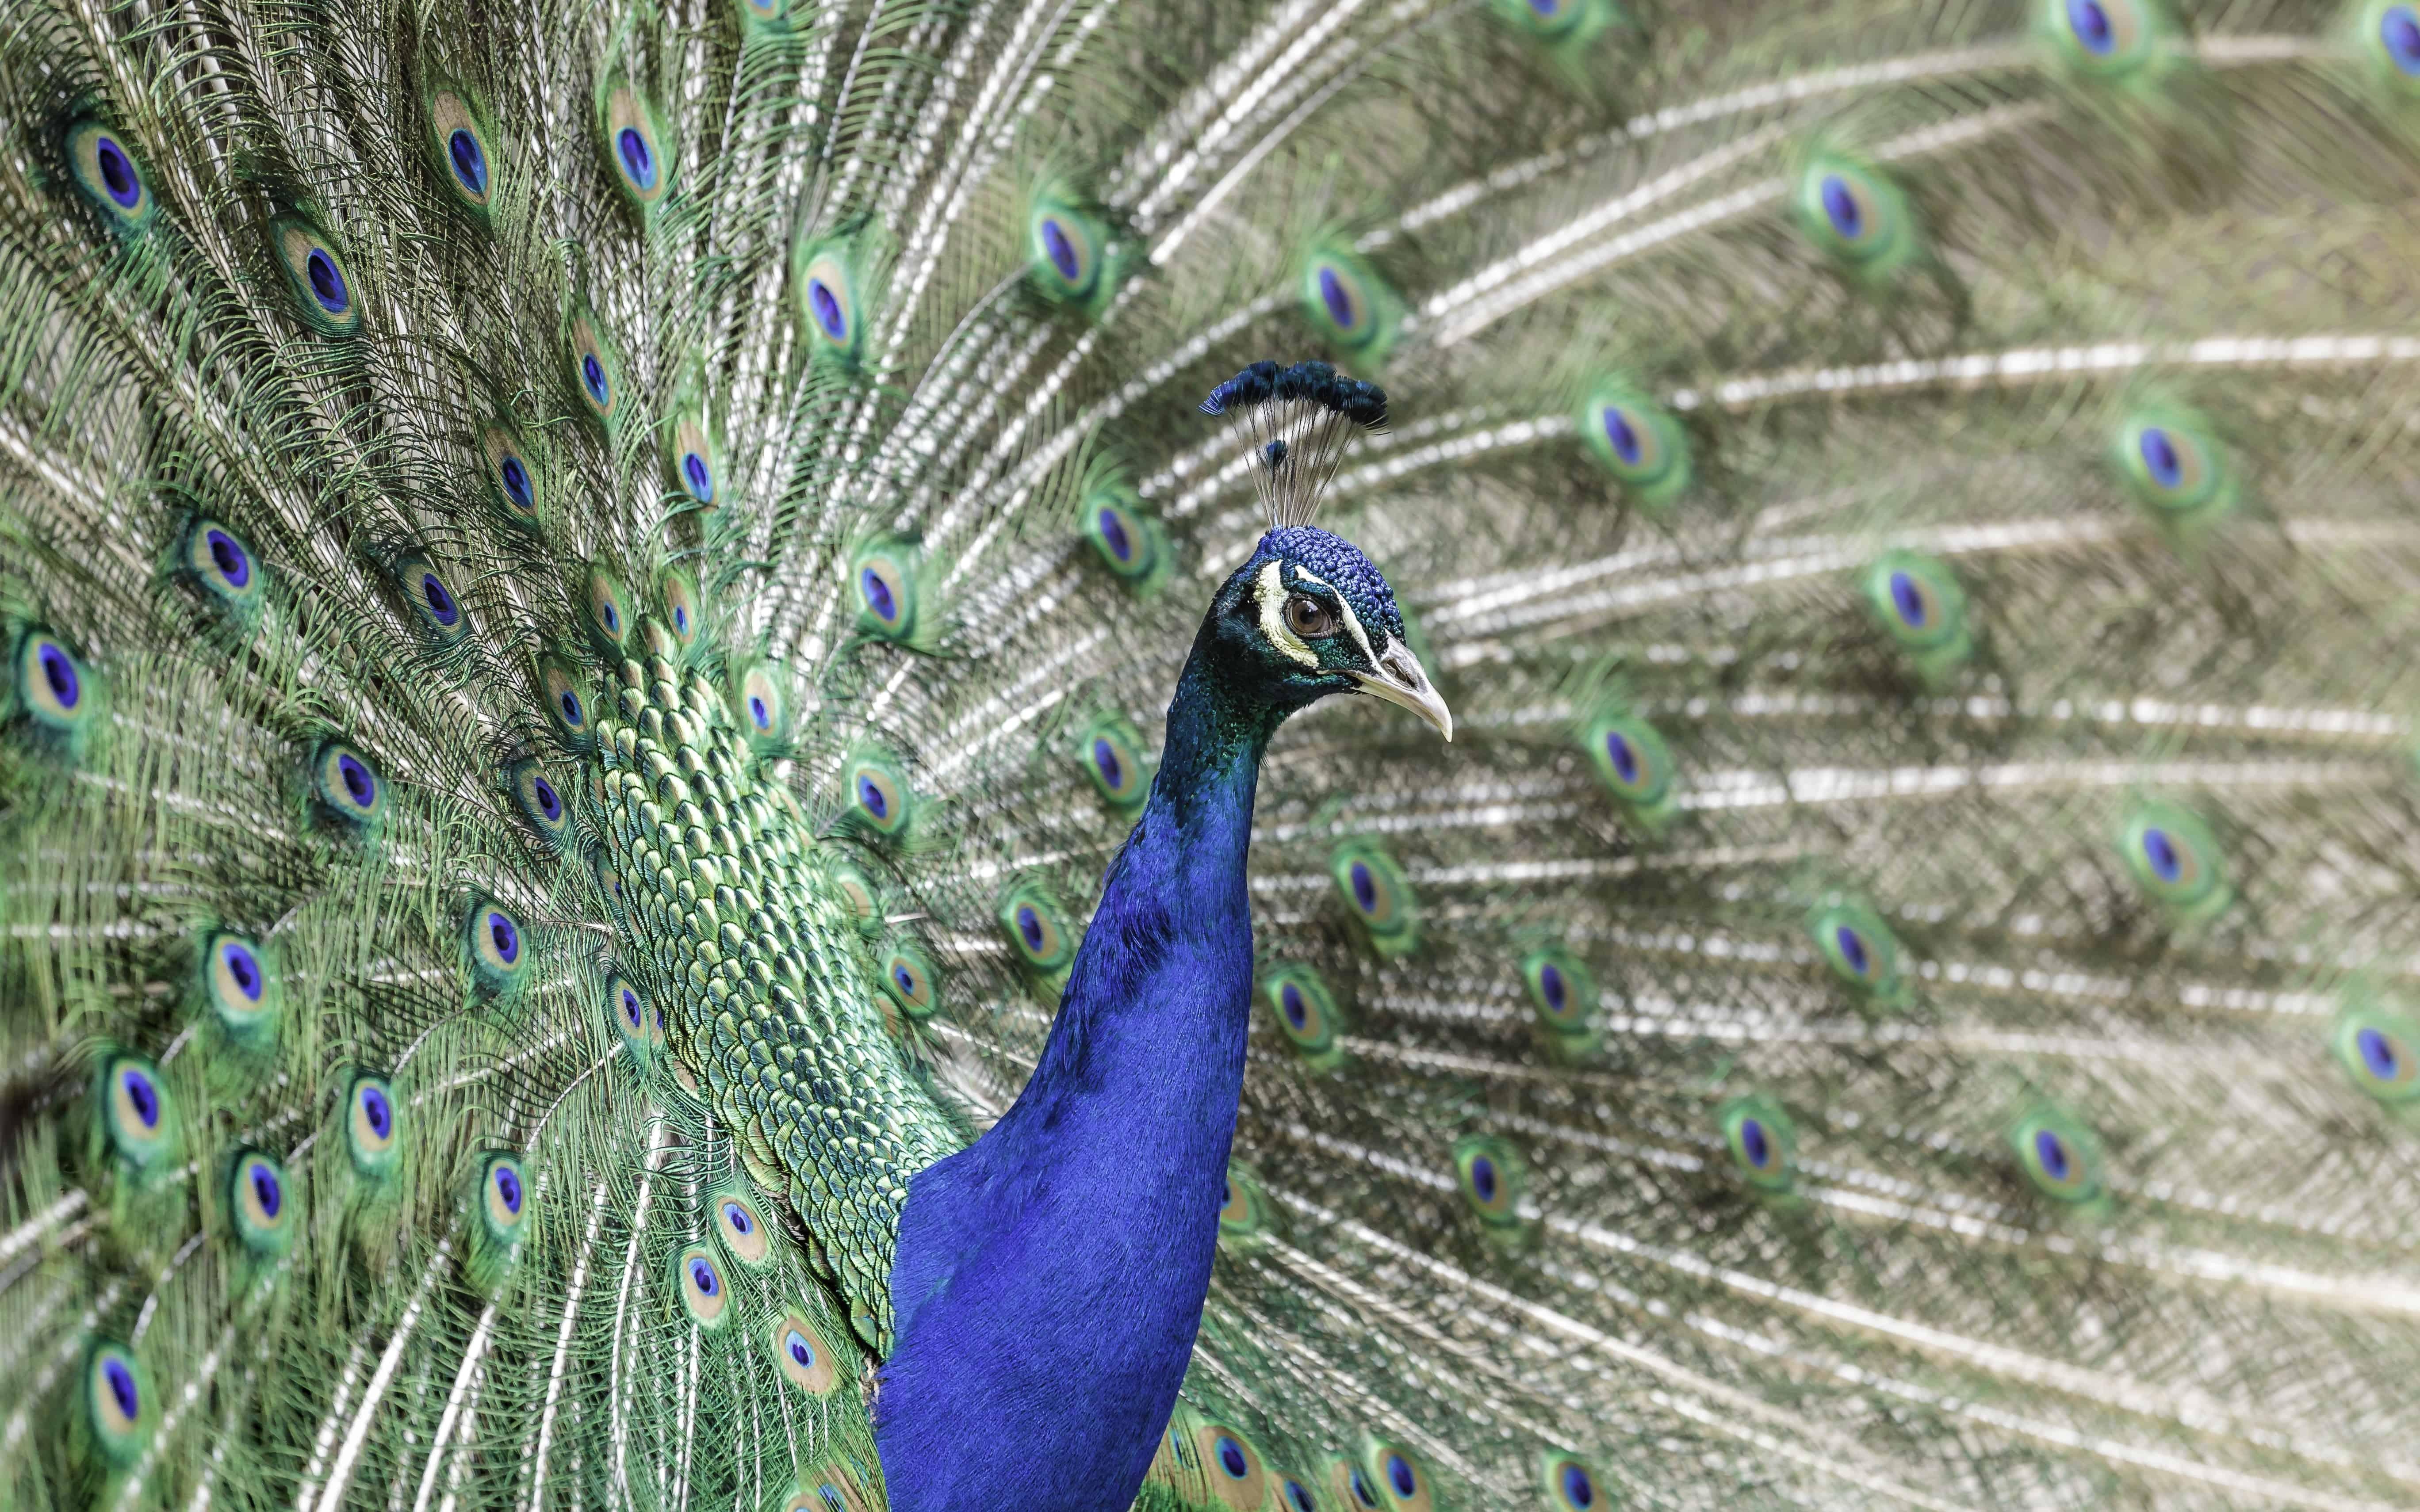 7800 Koleksi Gambar Hewan Warna Biru HD Terbaik